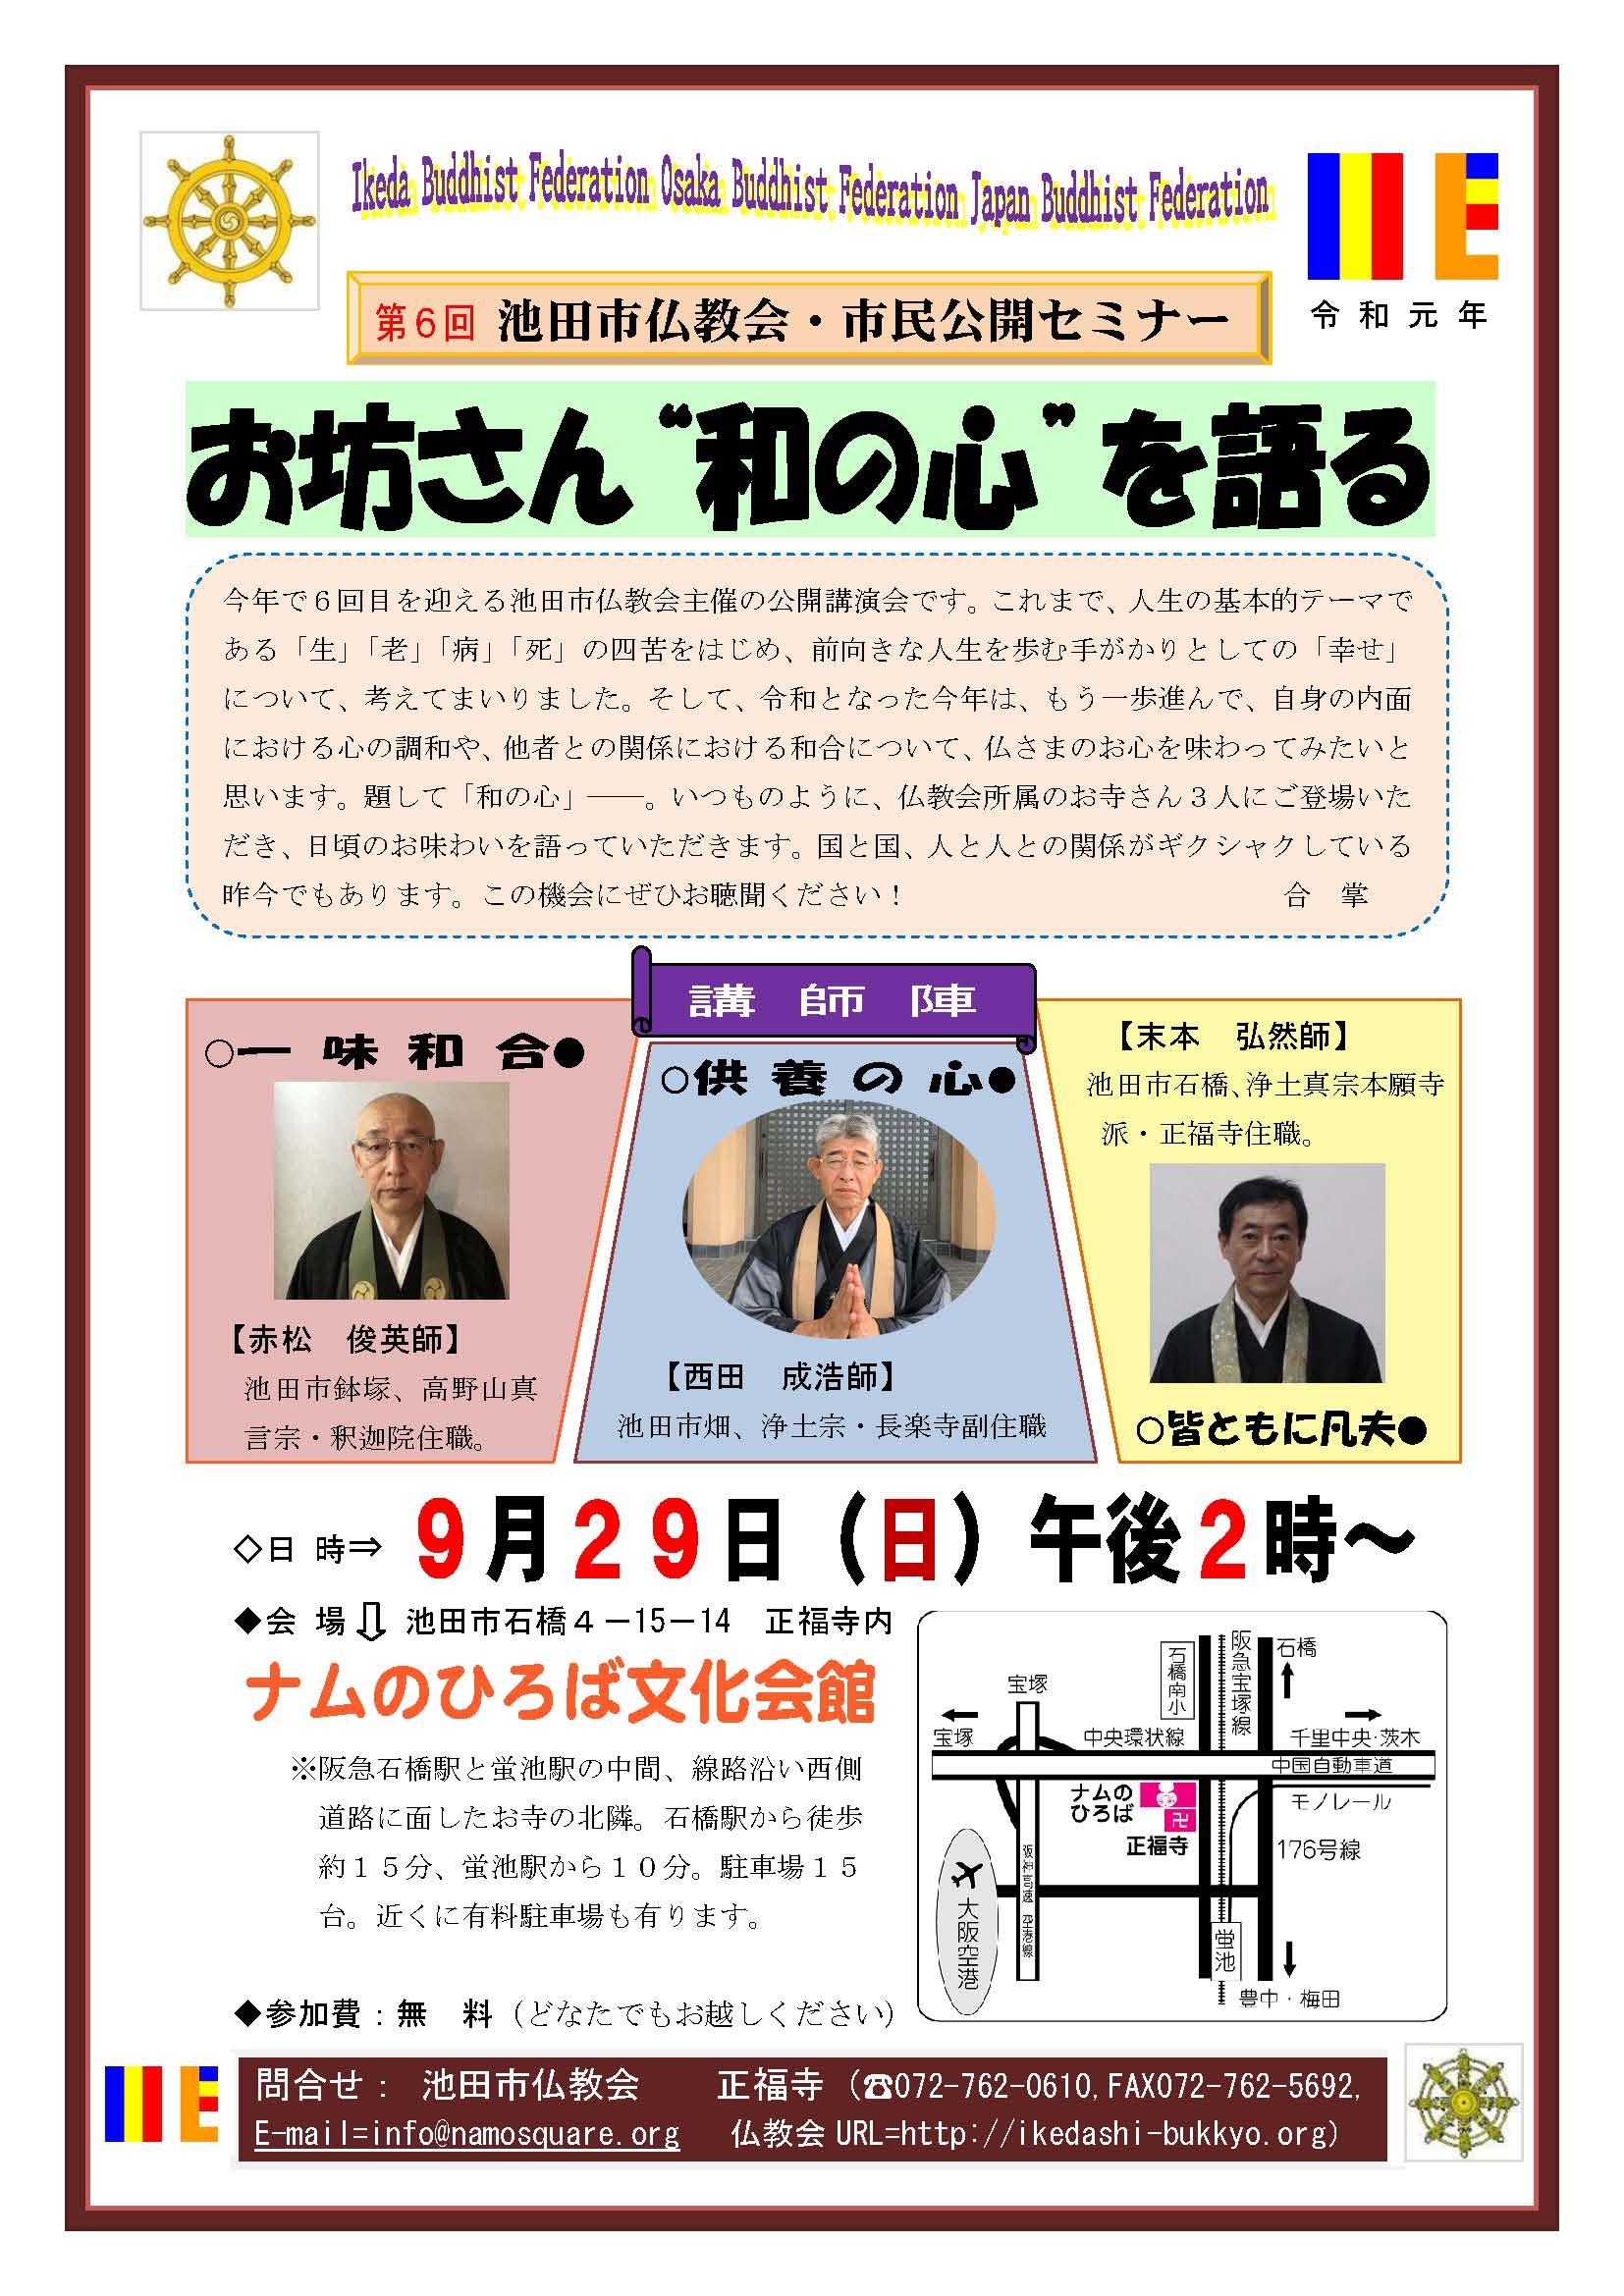 第6回池田市仏教会市民公開講演会チラシ